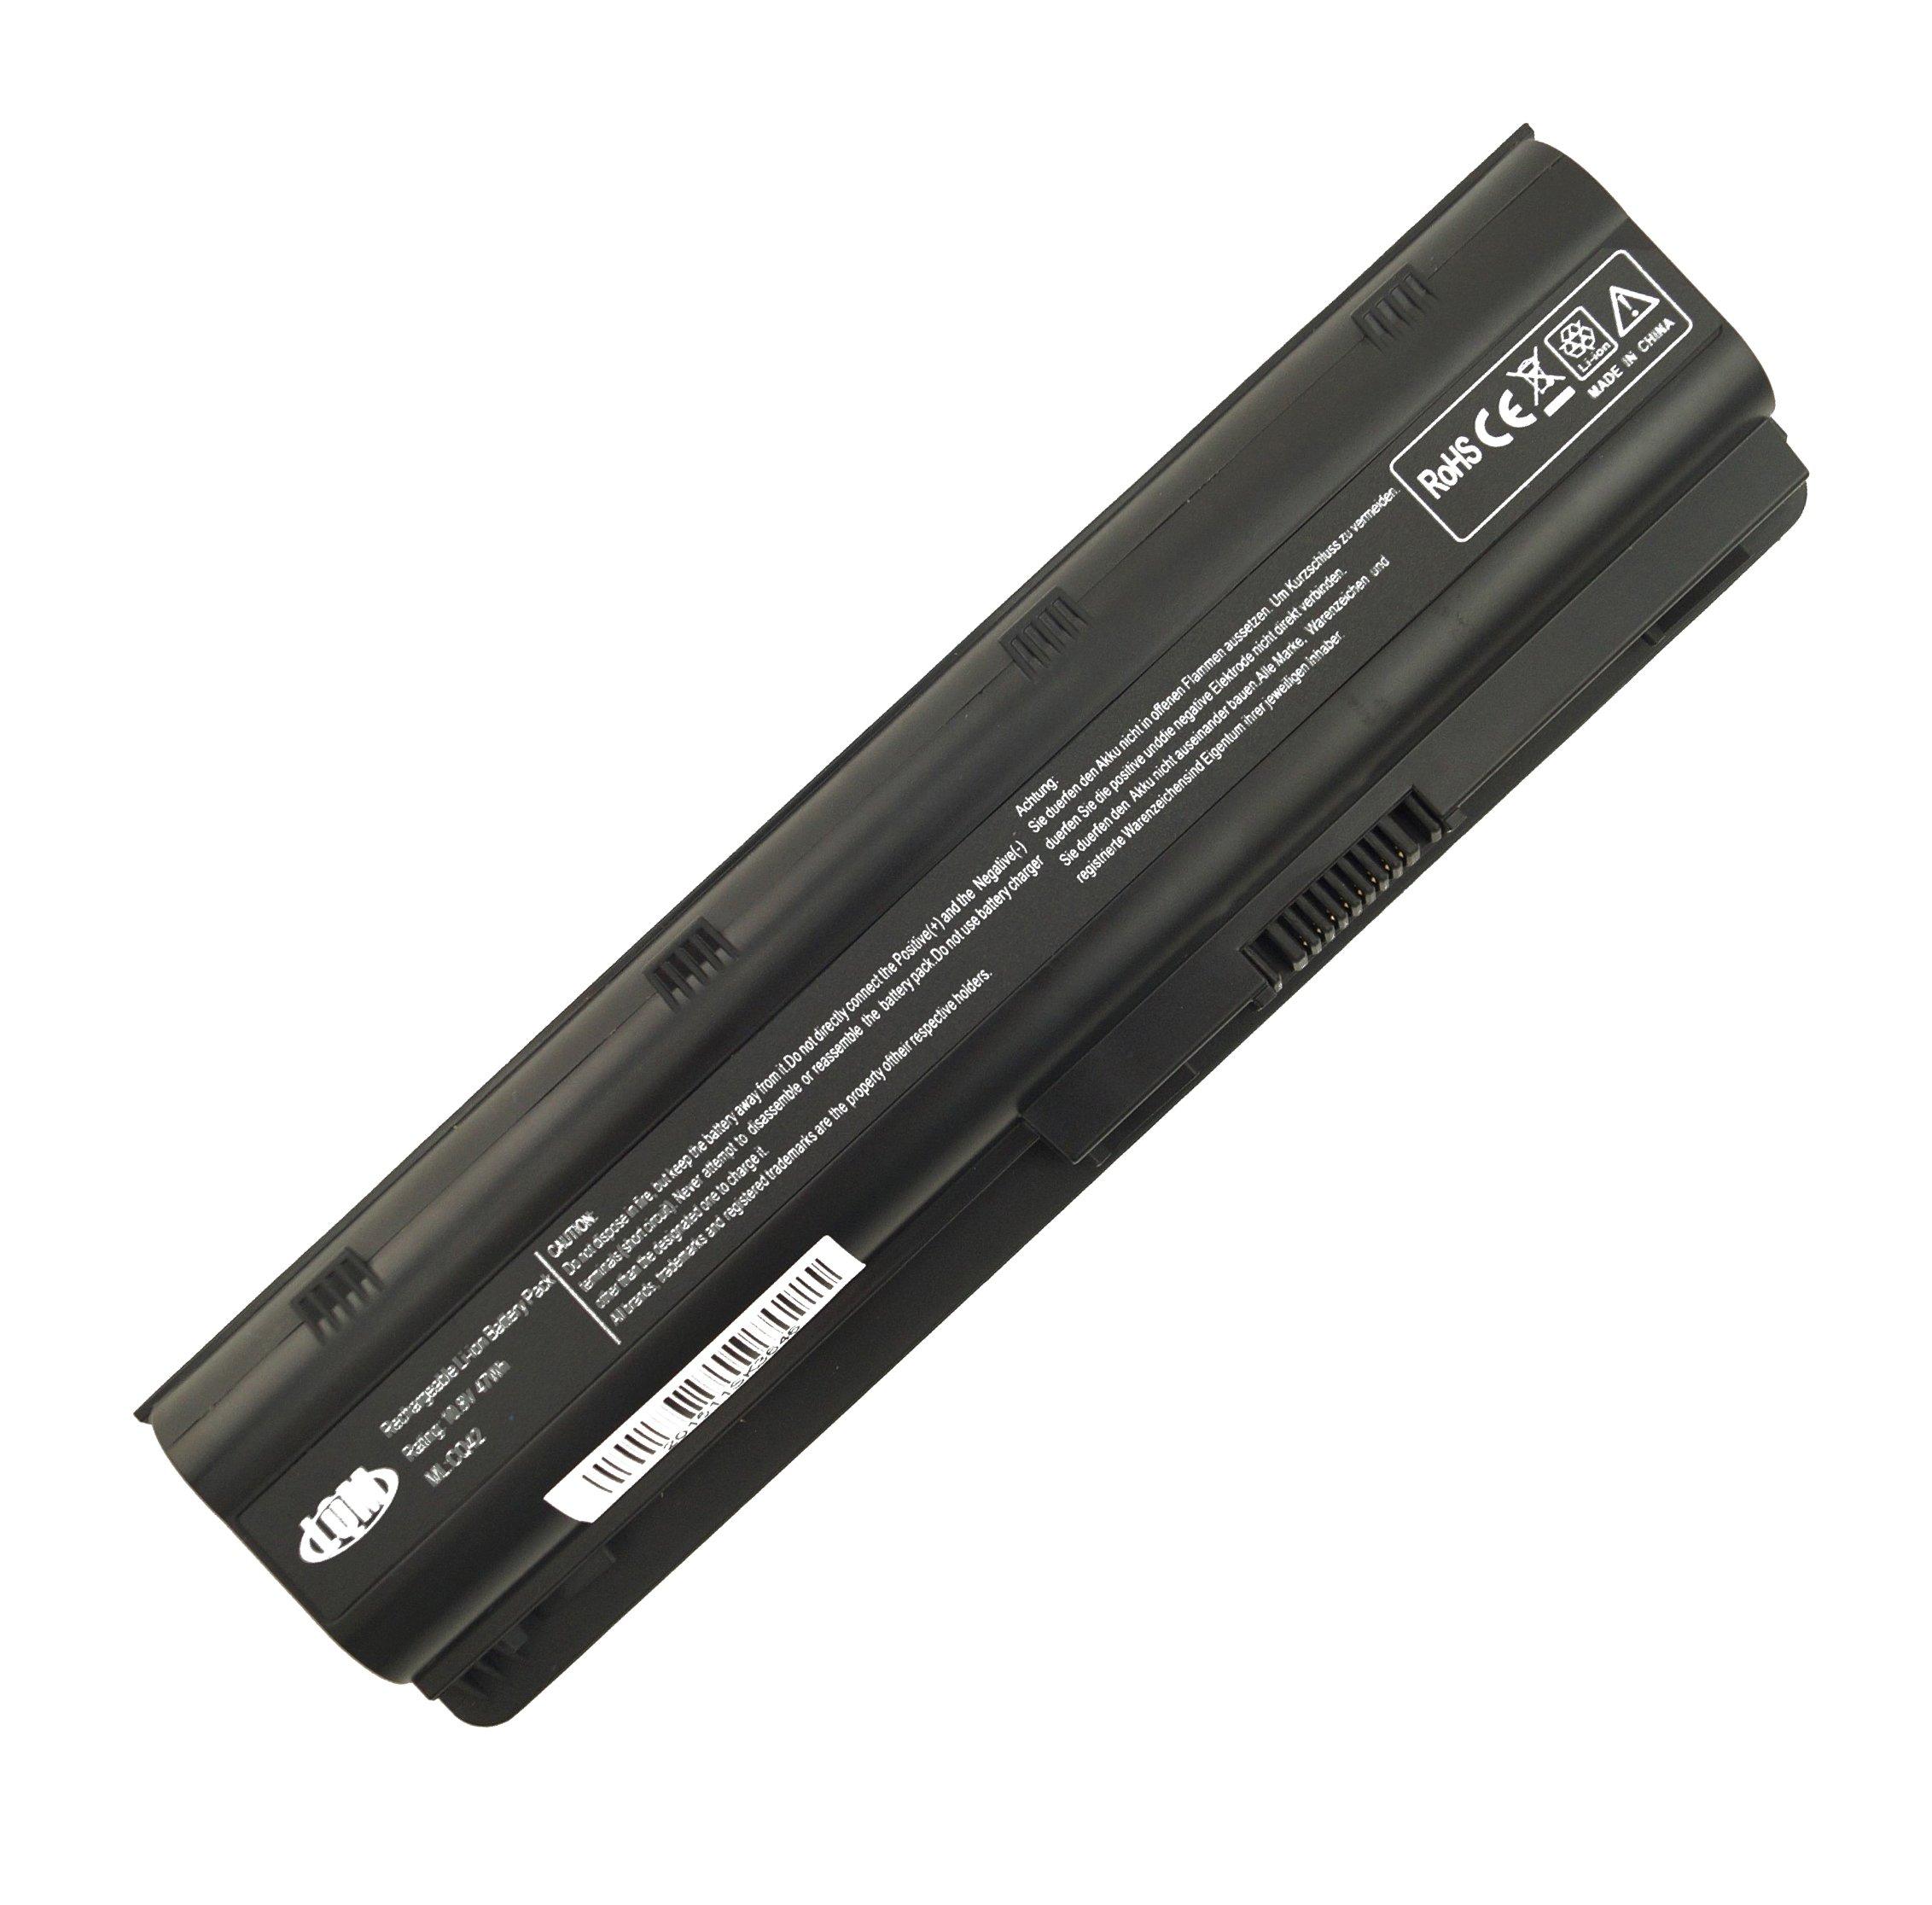 Bateria para HP Compaq MU06 MU09 593553-001 593554-001 CQ32 CQ42 CQ43 CQ56 CQ62 CQ72 10.8V 47Wh